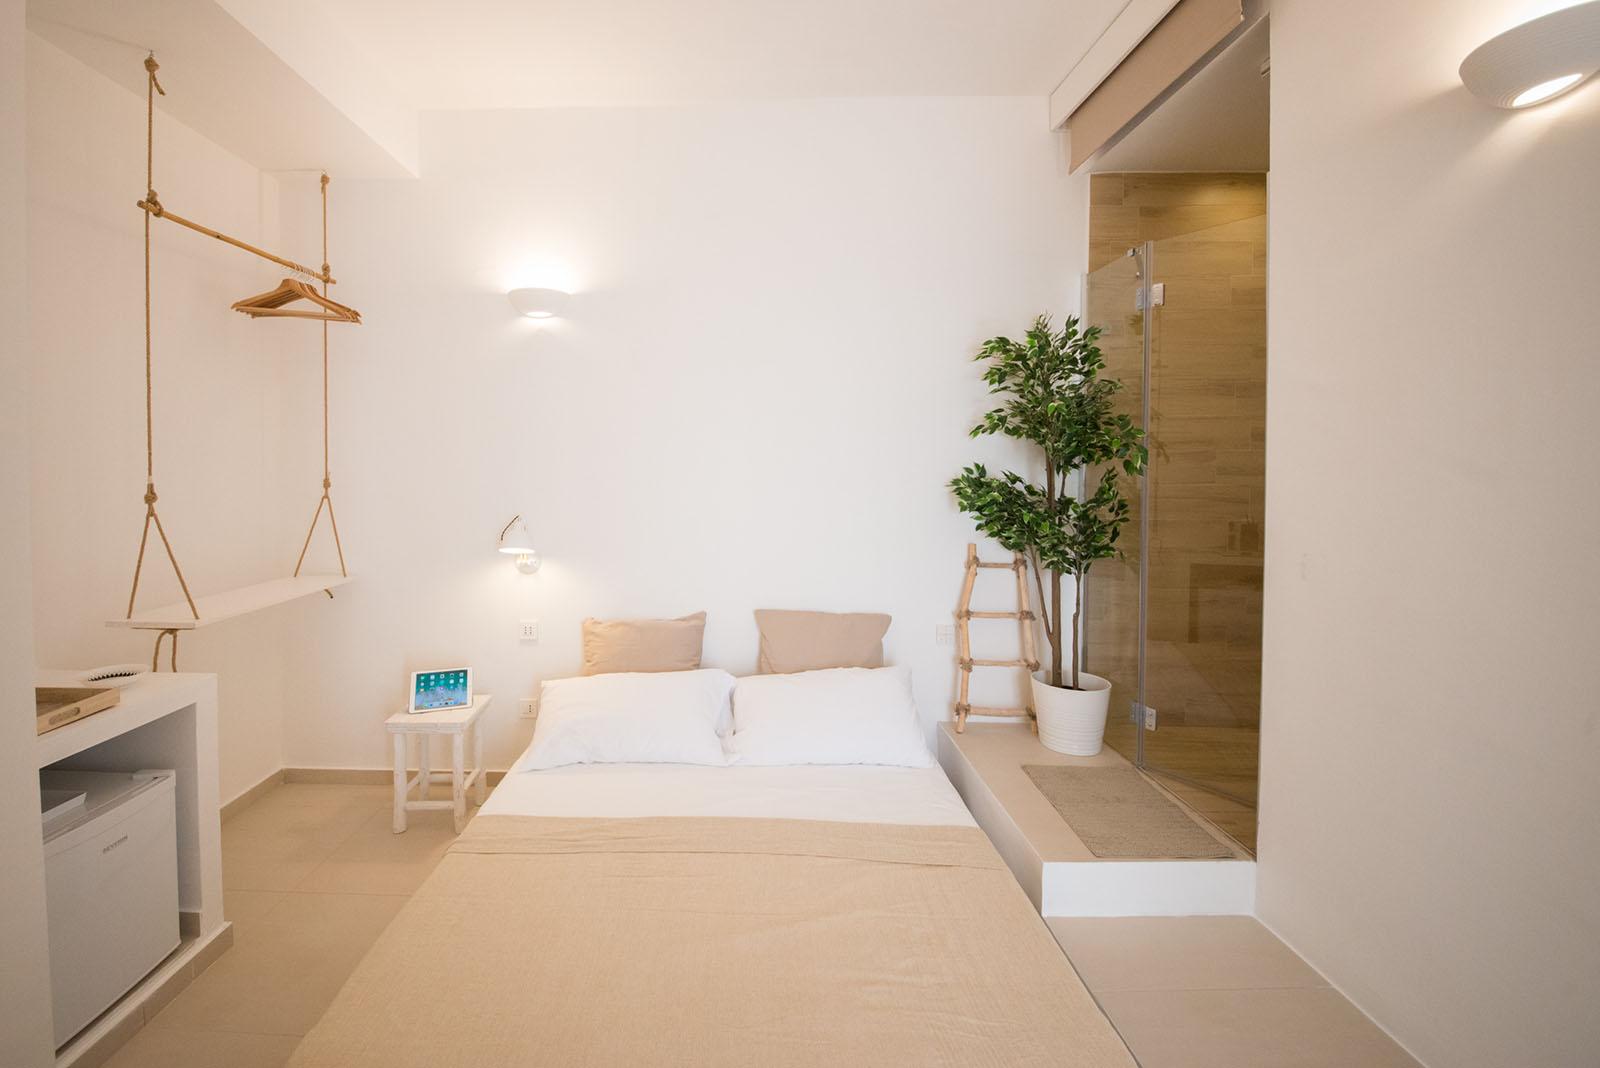 1 bed and breakfast agropoli progettazione architettonica domotica salerno break for two mare nest room 5 b&b